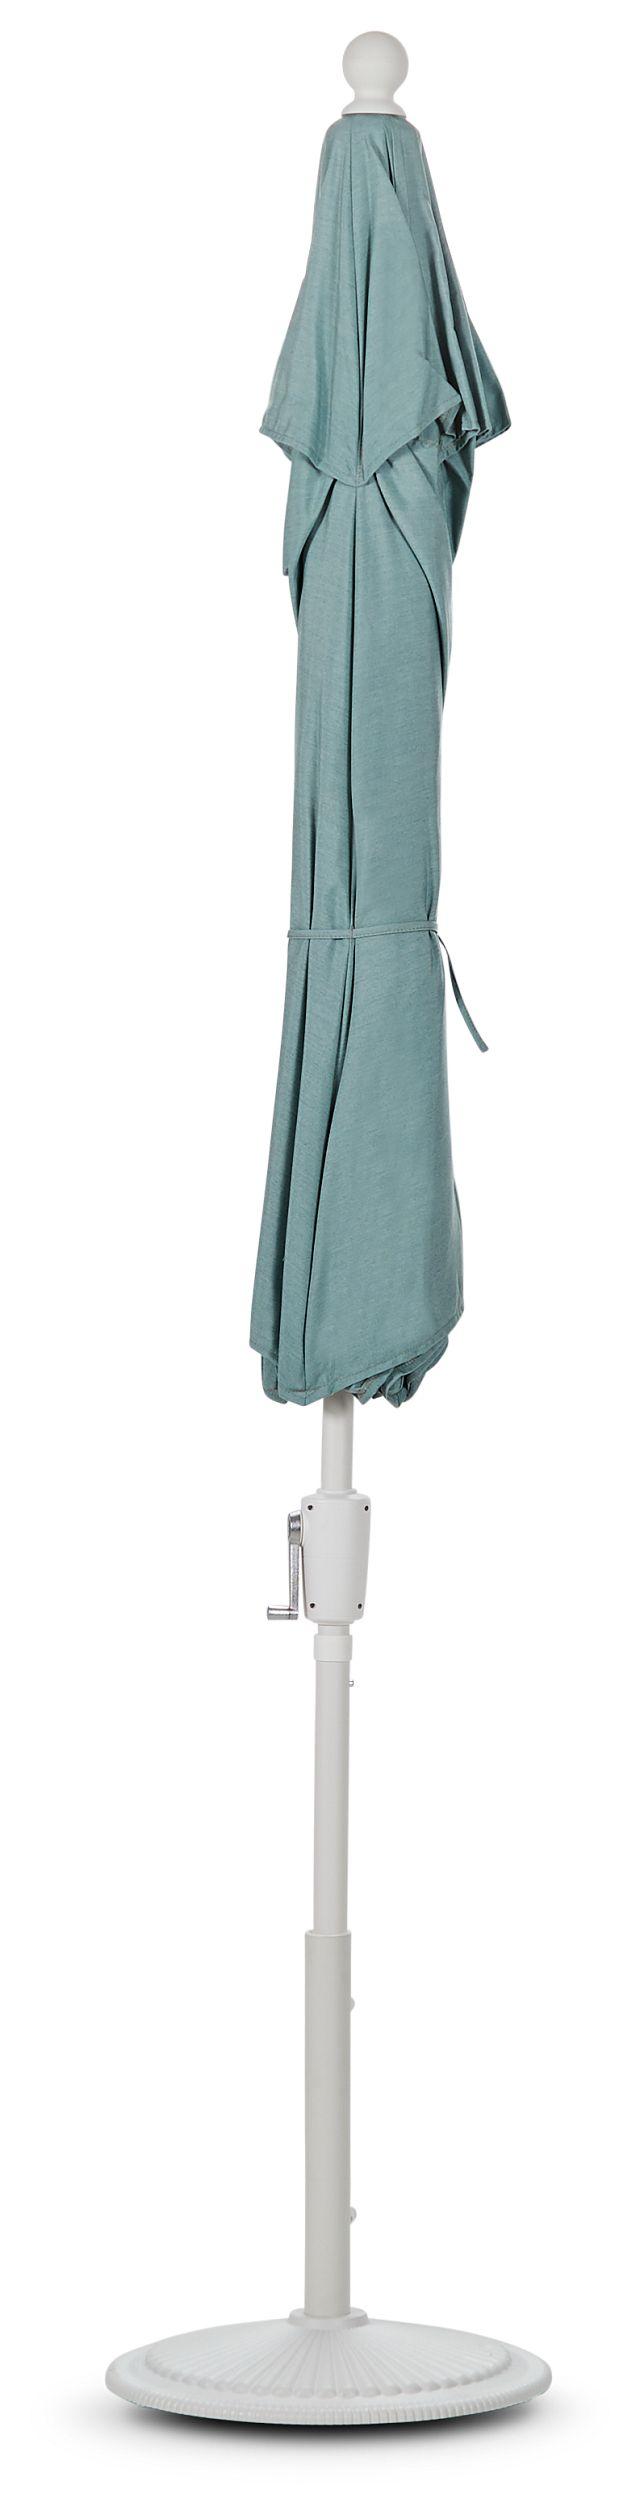 Capri Teal Umbrella Set (1)